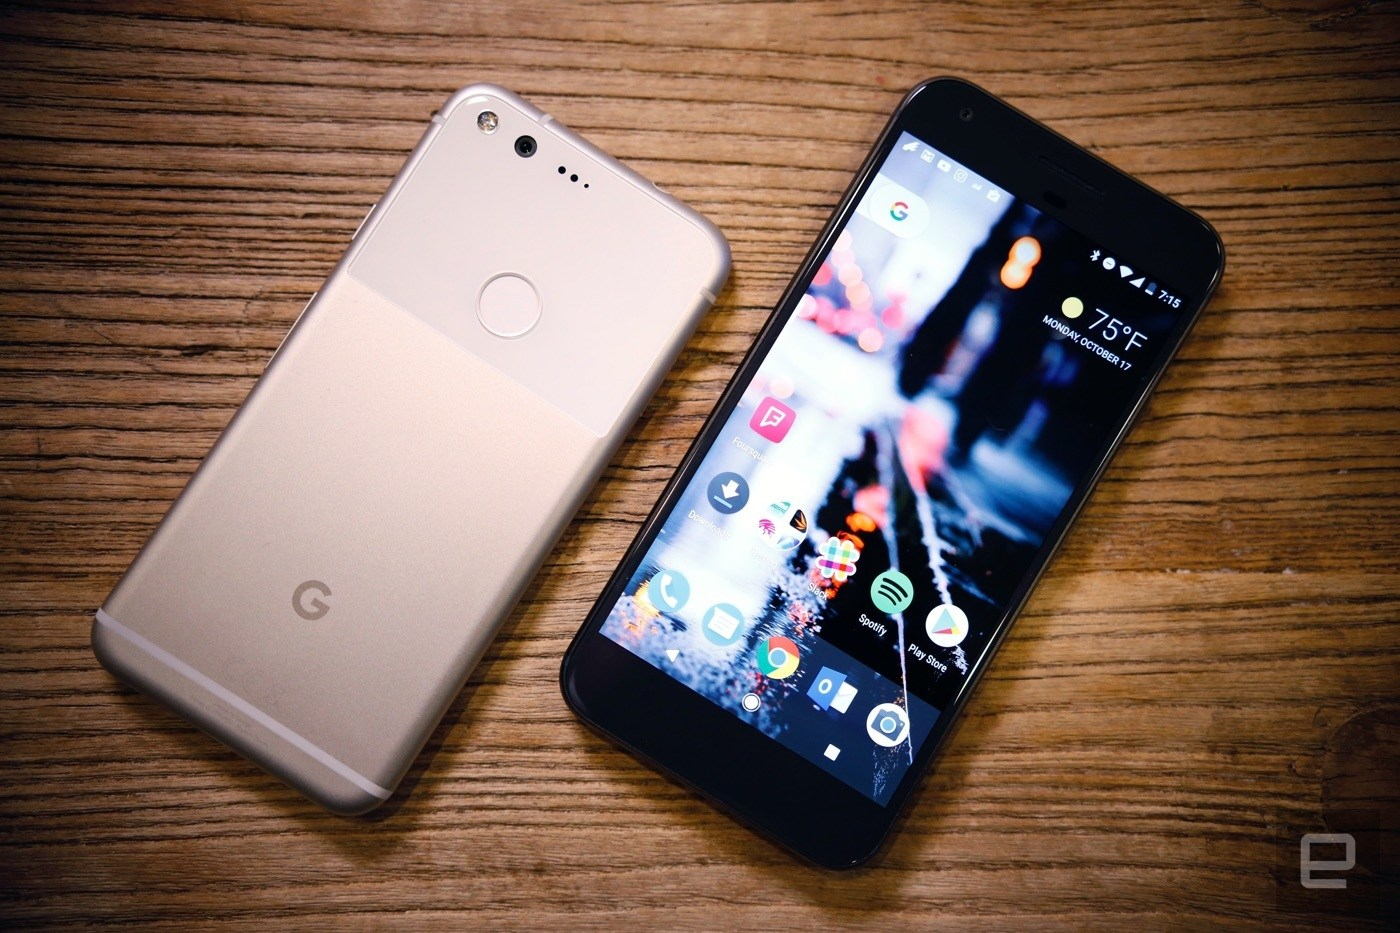 Selon le code source des Pixel, HTC aurait participé à leur conception